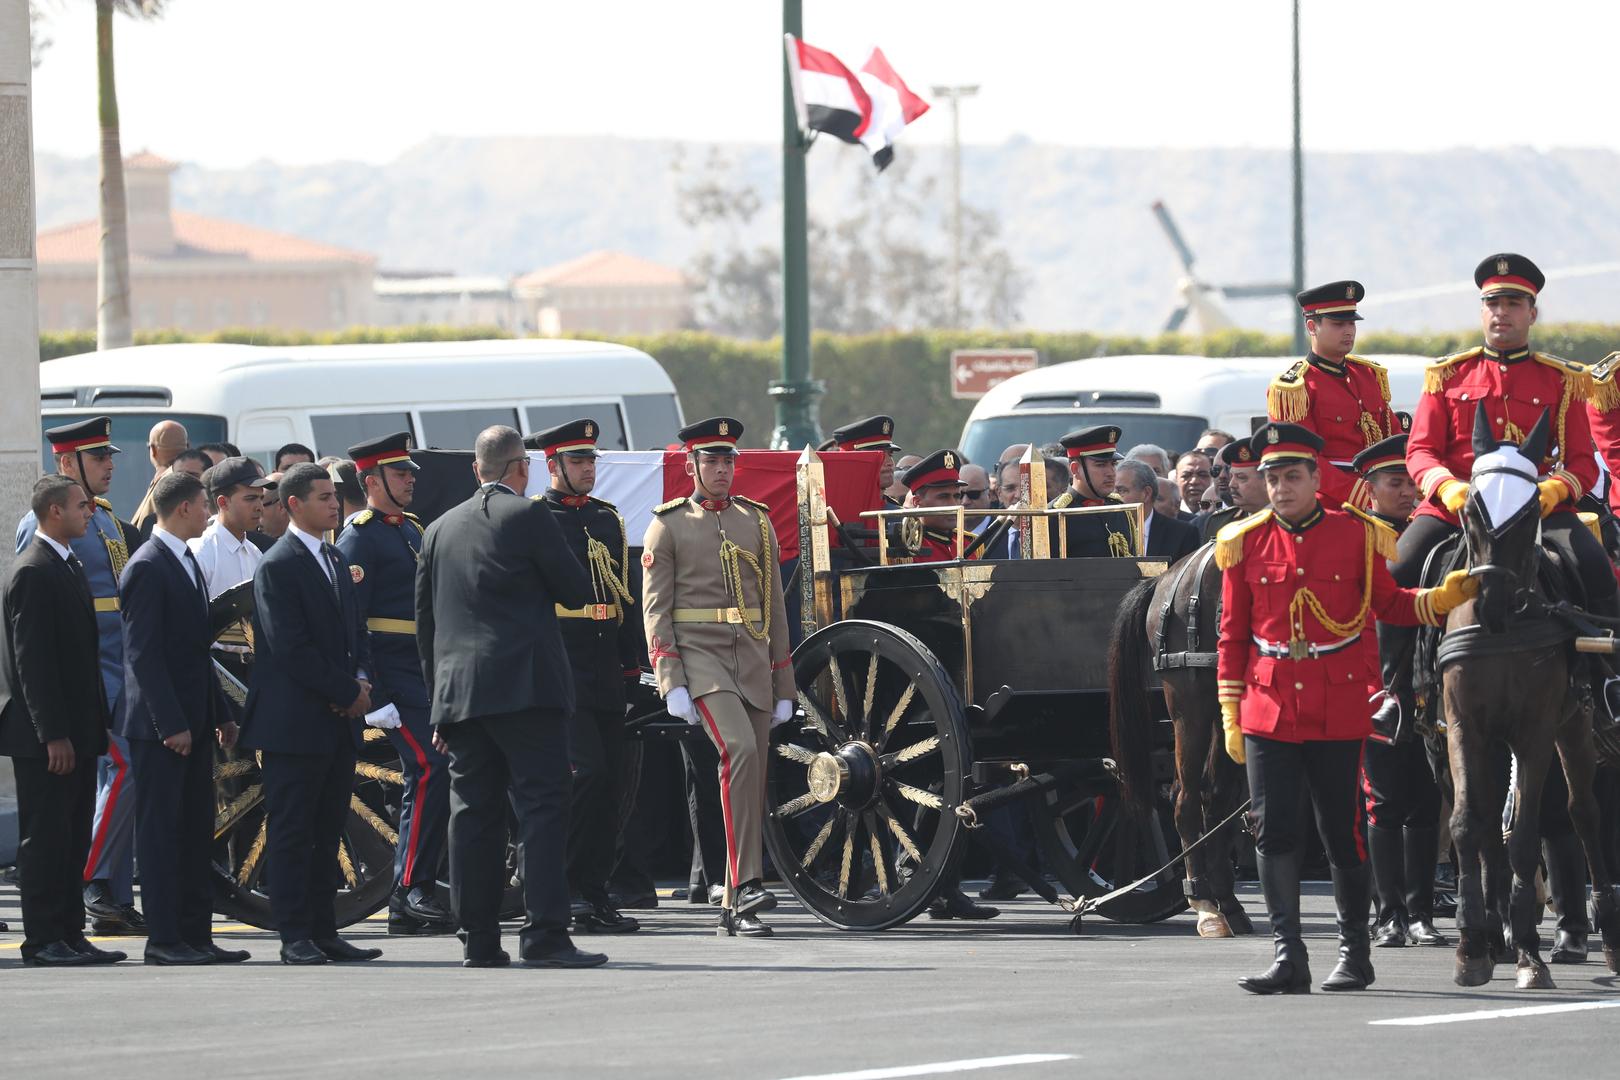 السيسي: إطلاق اسم المشير طنطاوي على قاعدة عسكرية